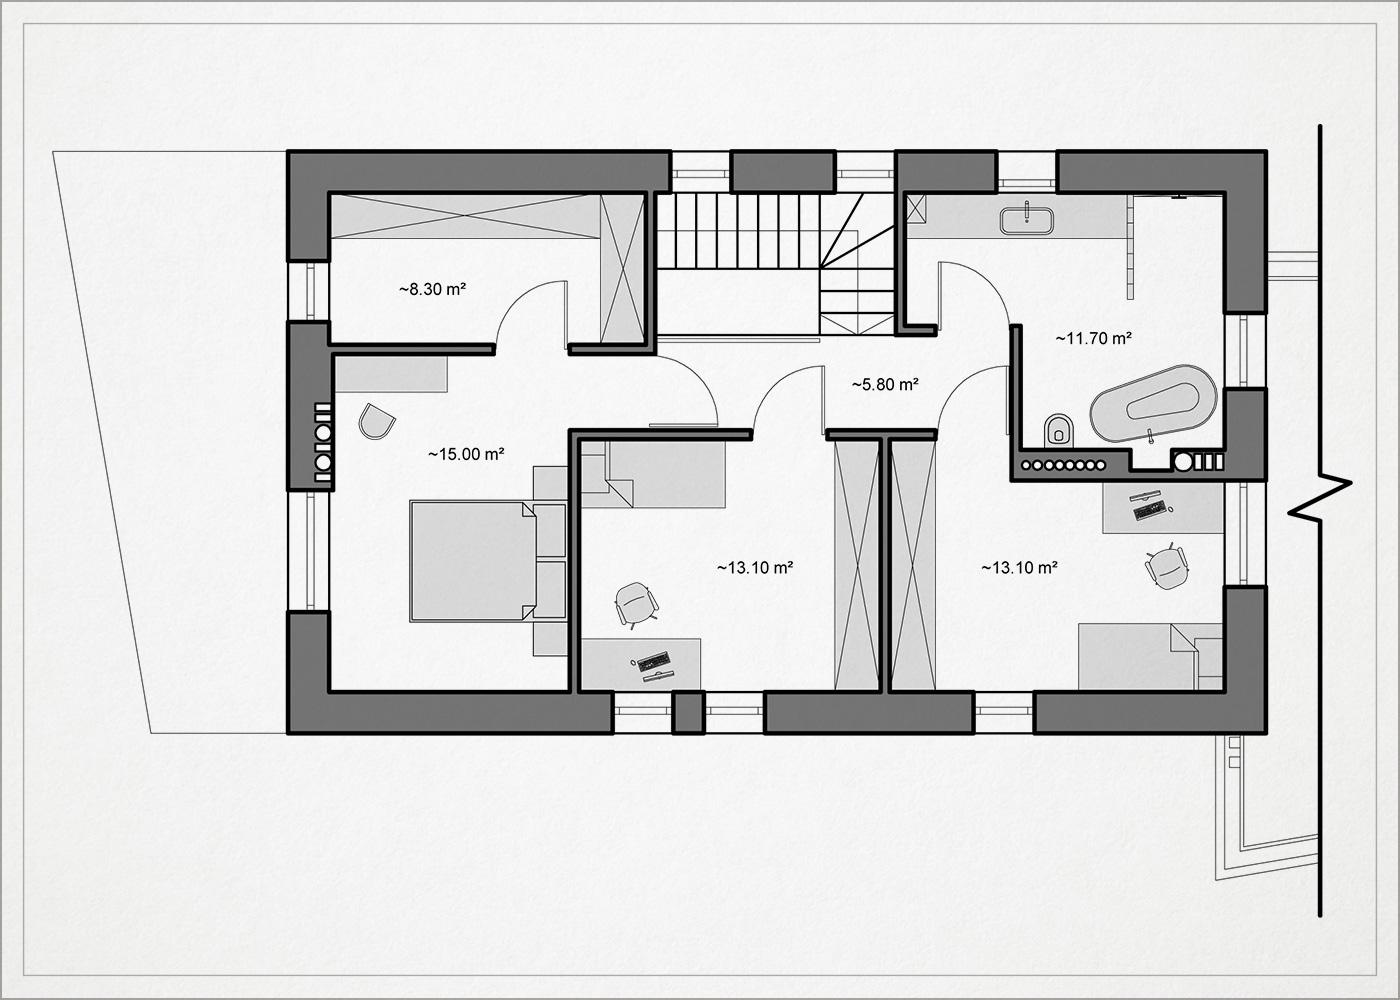 gyvenamojo namo pavilnyje 2 auksto planas